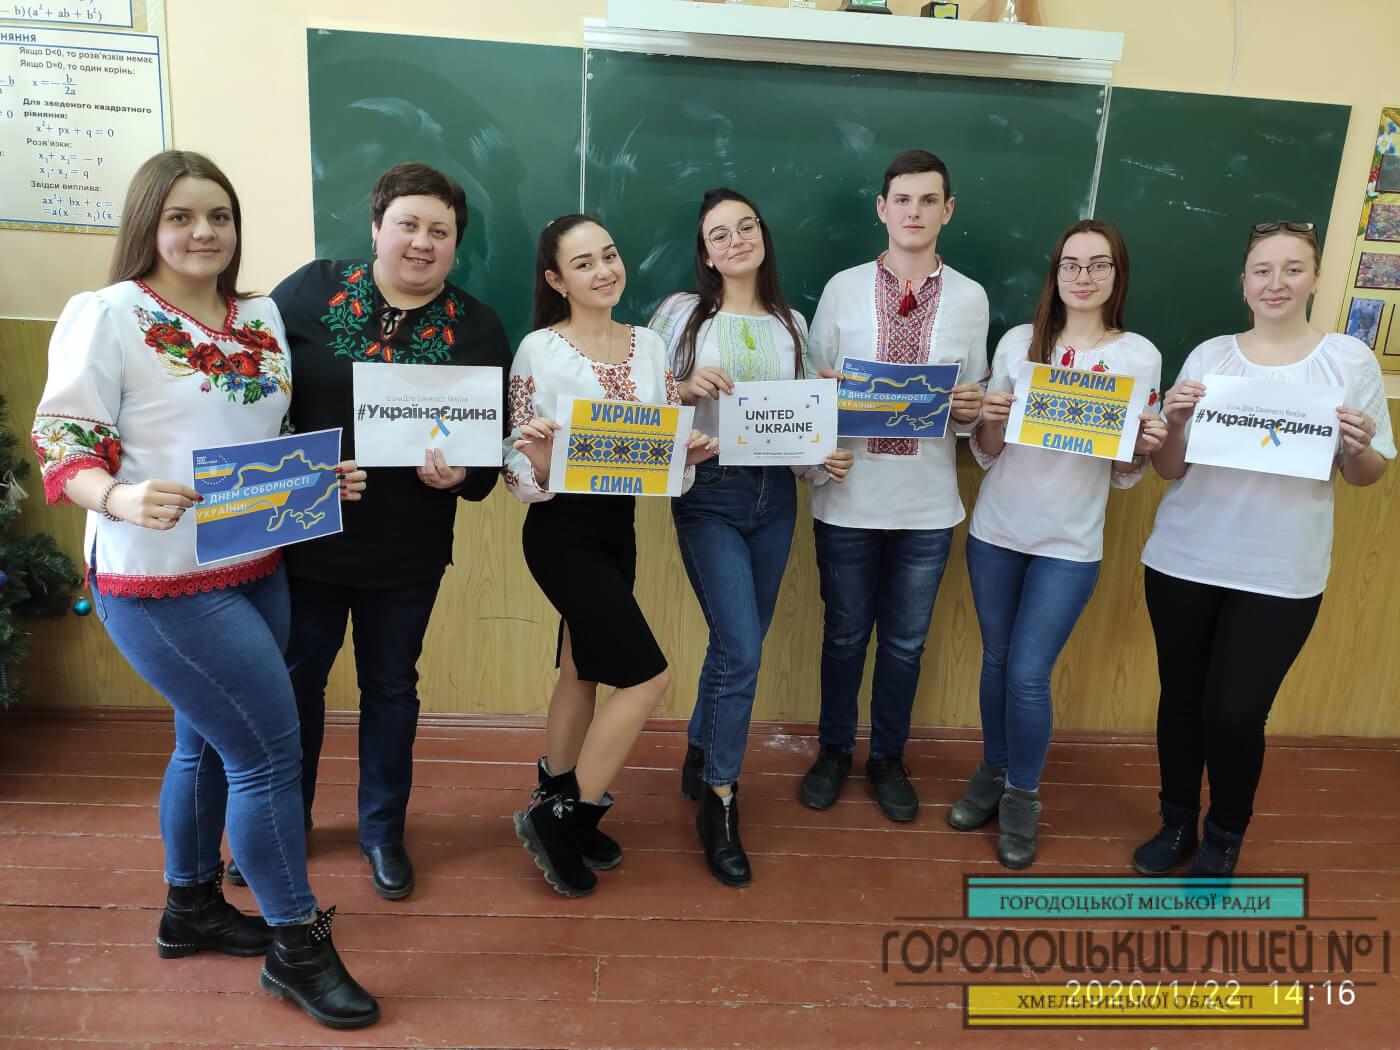 IMG 20200122 141652 - День Соборності України